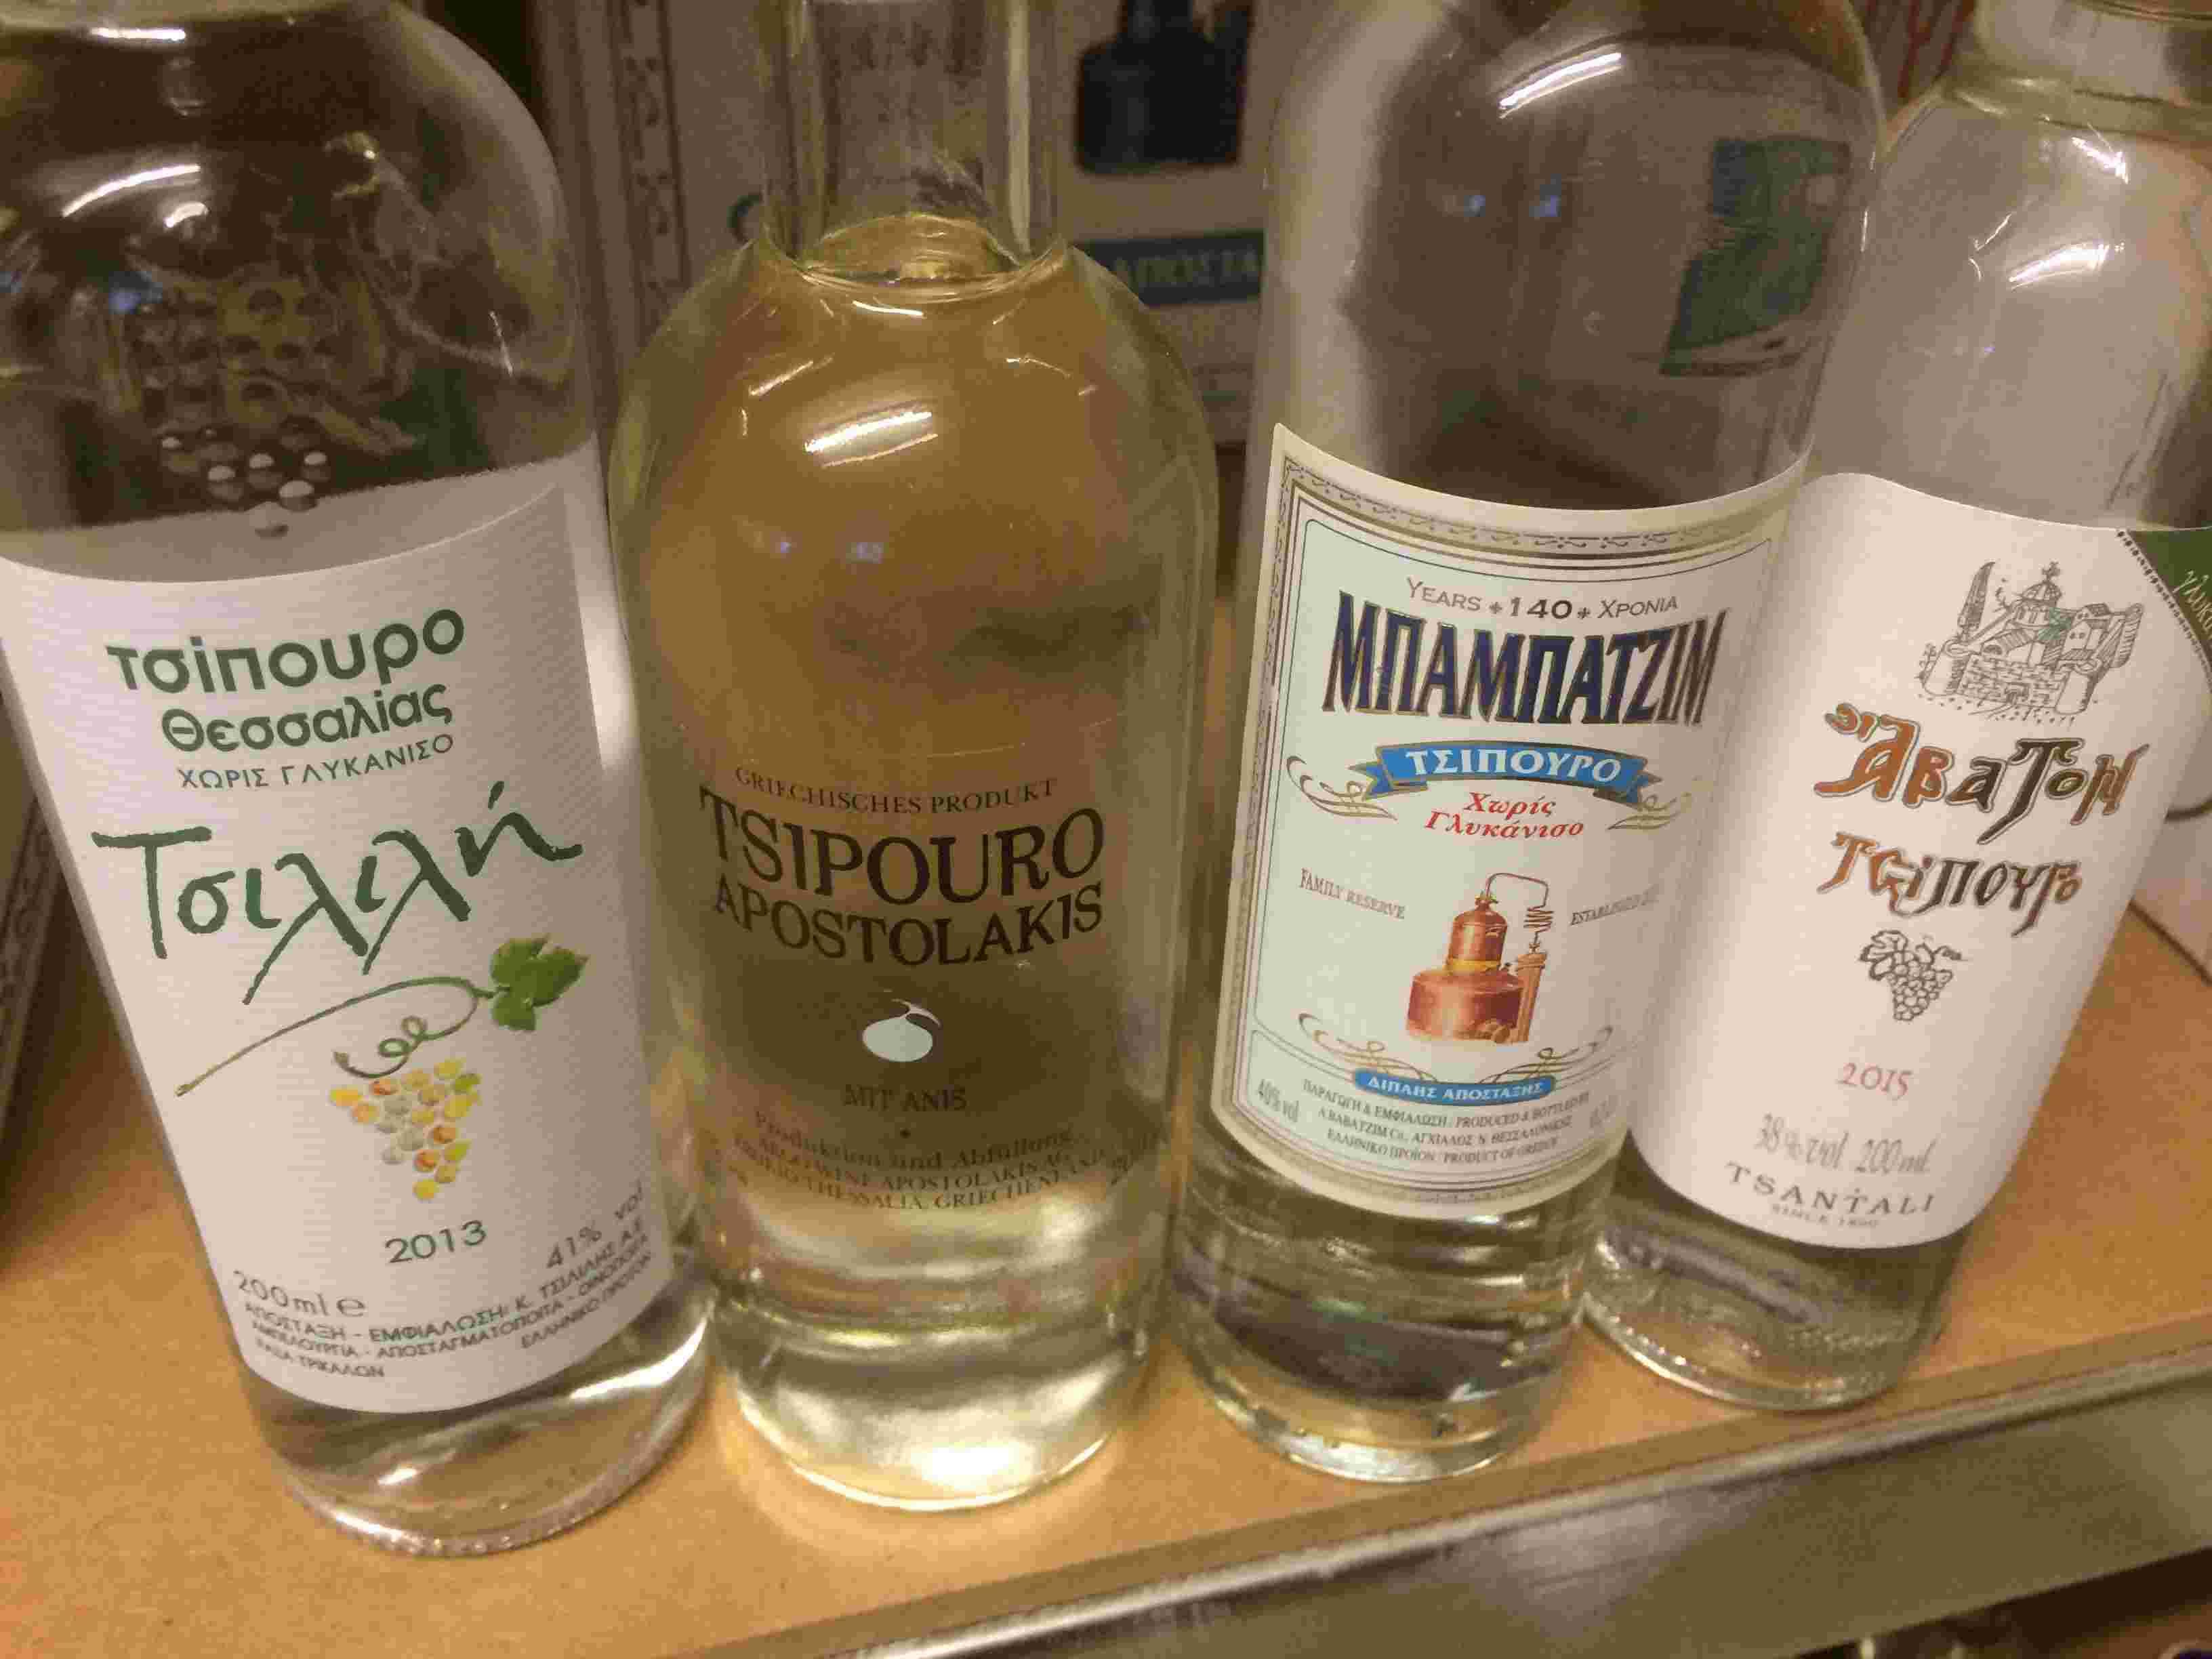 Tsipouro in kleinen 0,2 l Flaschen - Tsililis, Apostolakis, Babatzim, Tsantali Abaton